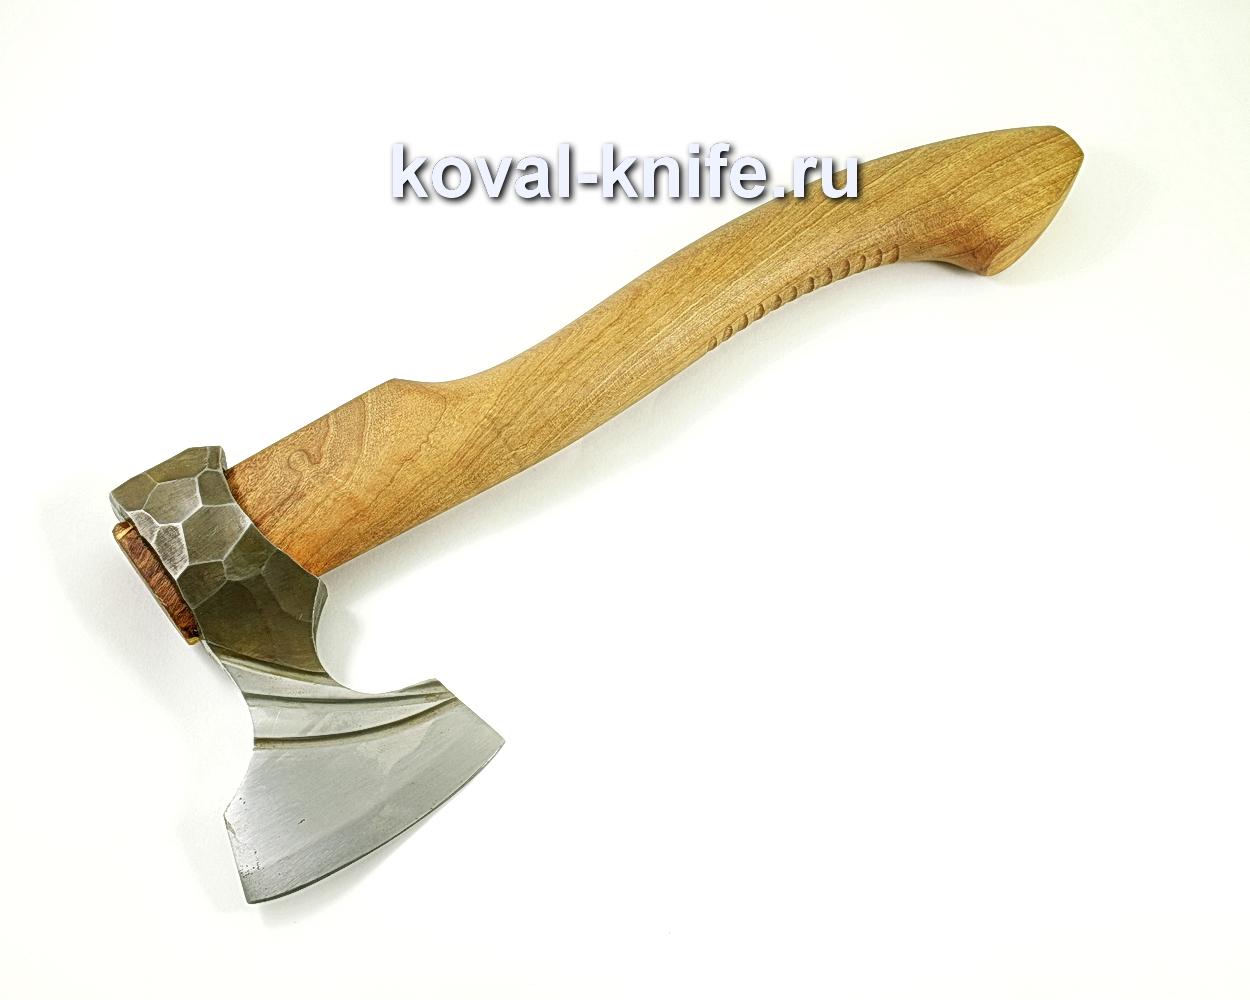 Топор (сталь 9хс), рукоять орех A316